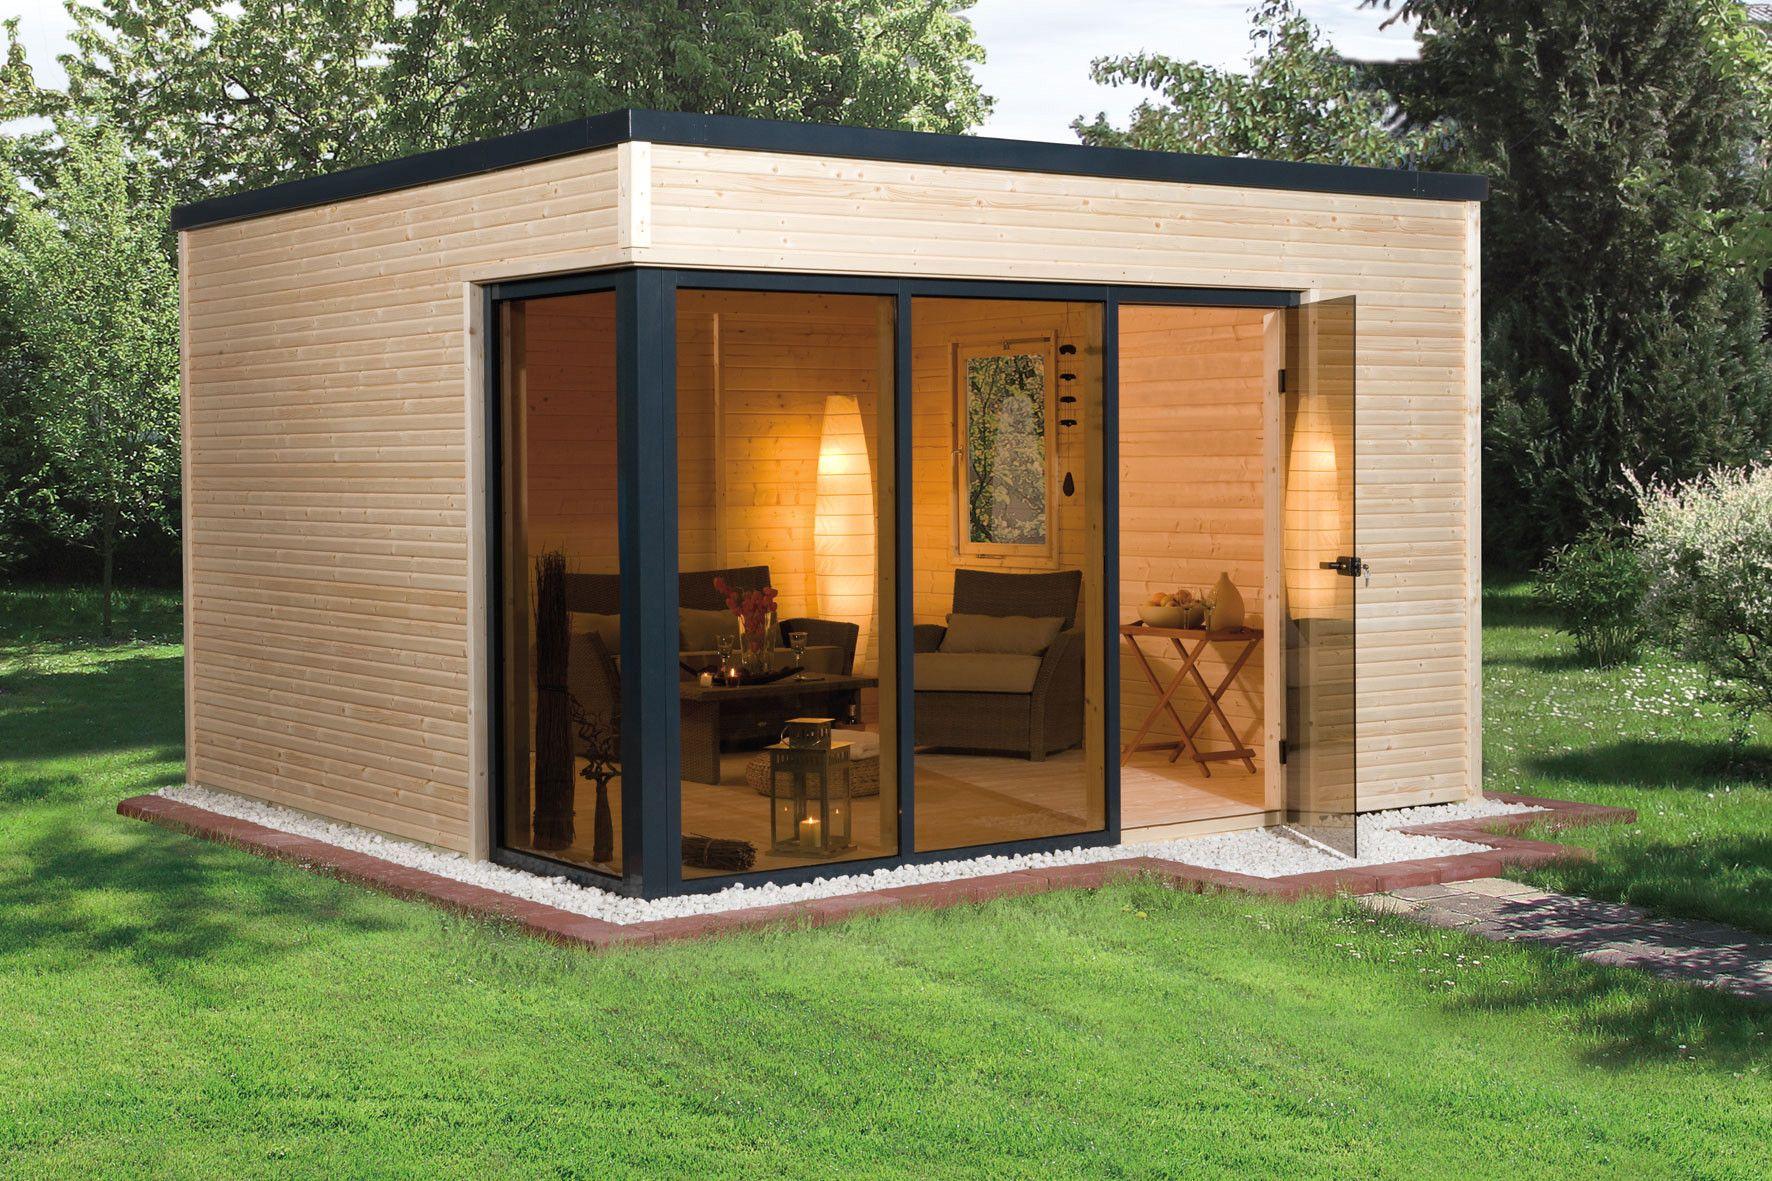 Gartenhaus Deko Inspirierend Weka Gartenhaus Bauplan My Blog Avec Ytong Gartenhaus